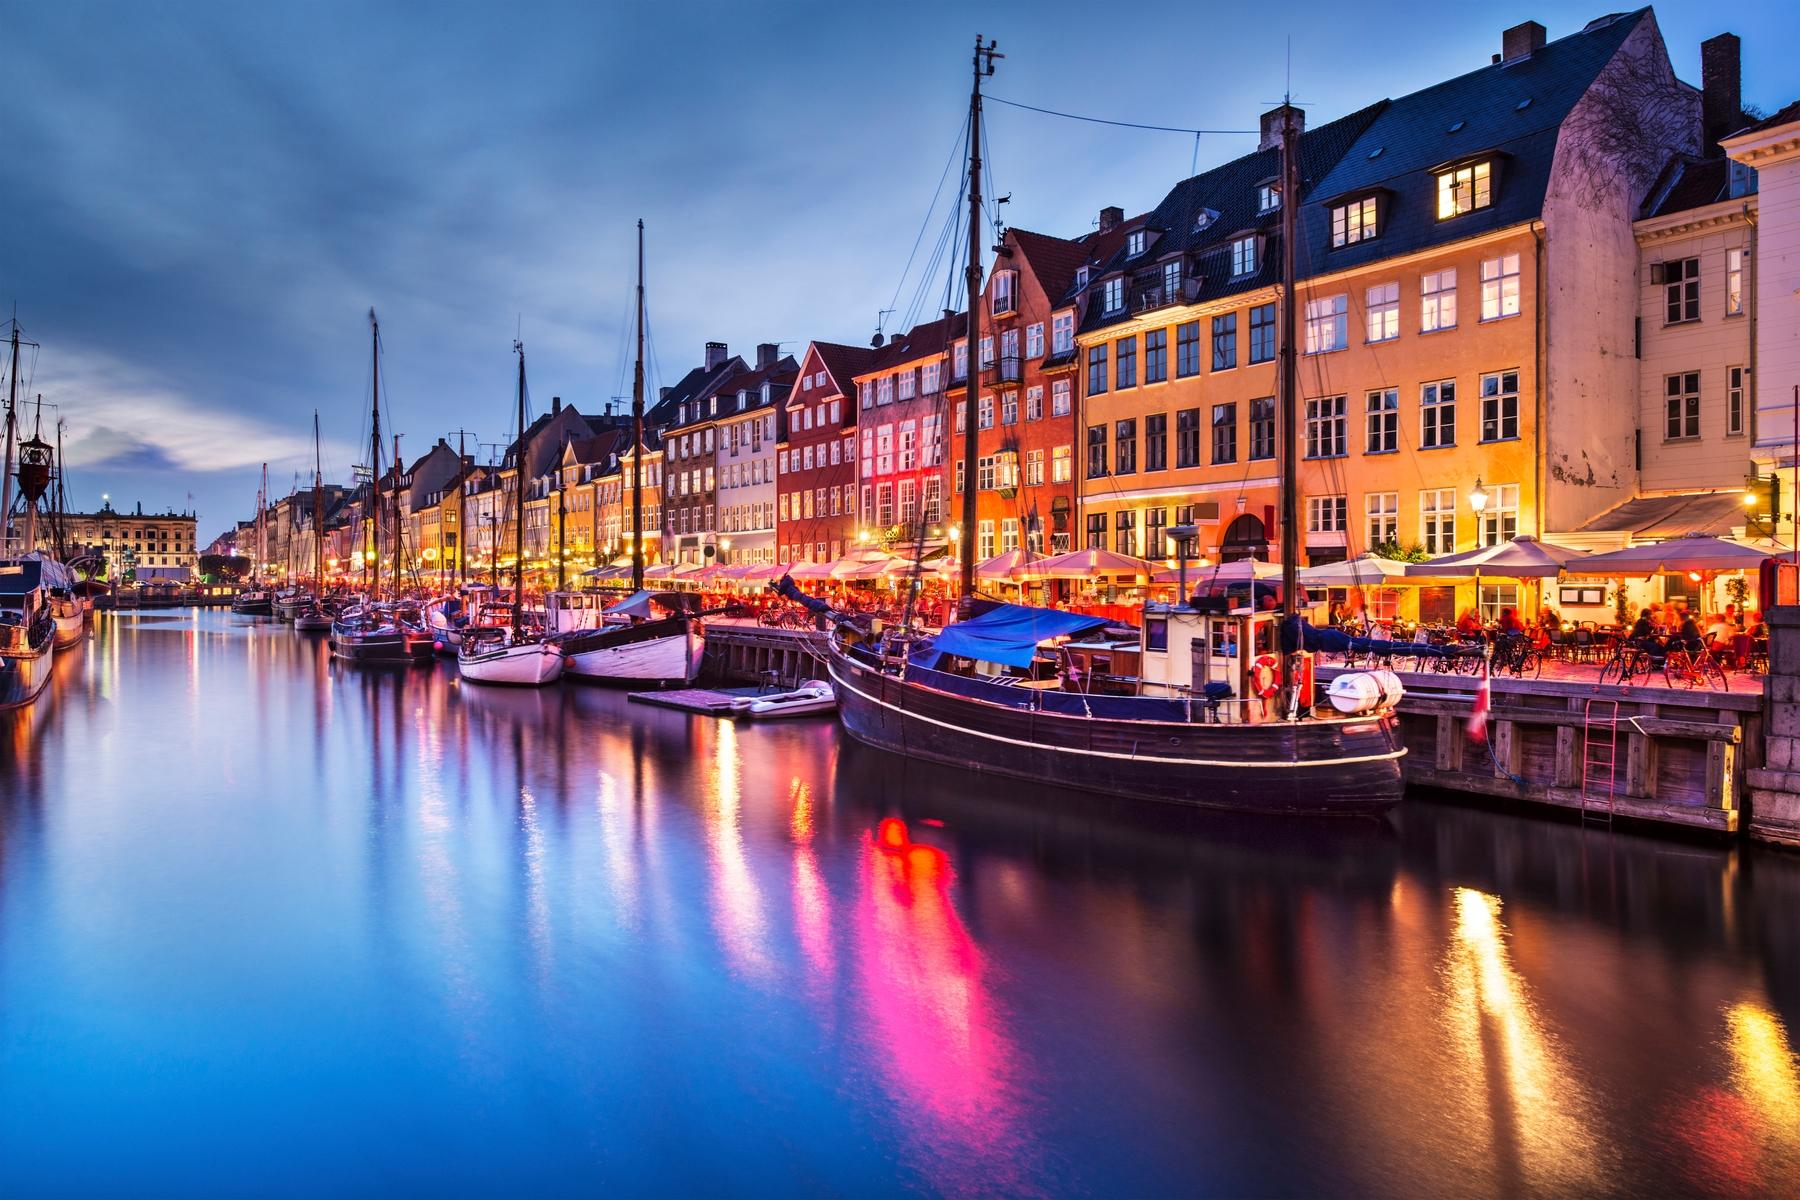 Nyhavn is a beautiful waterfront area in Copenhagen.